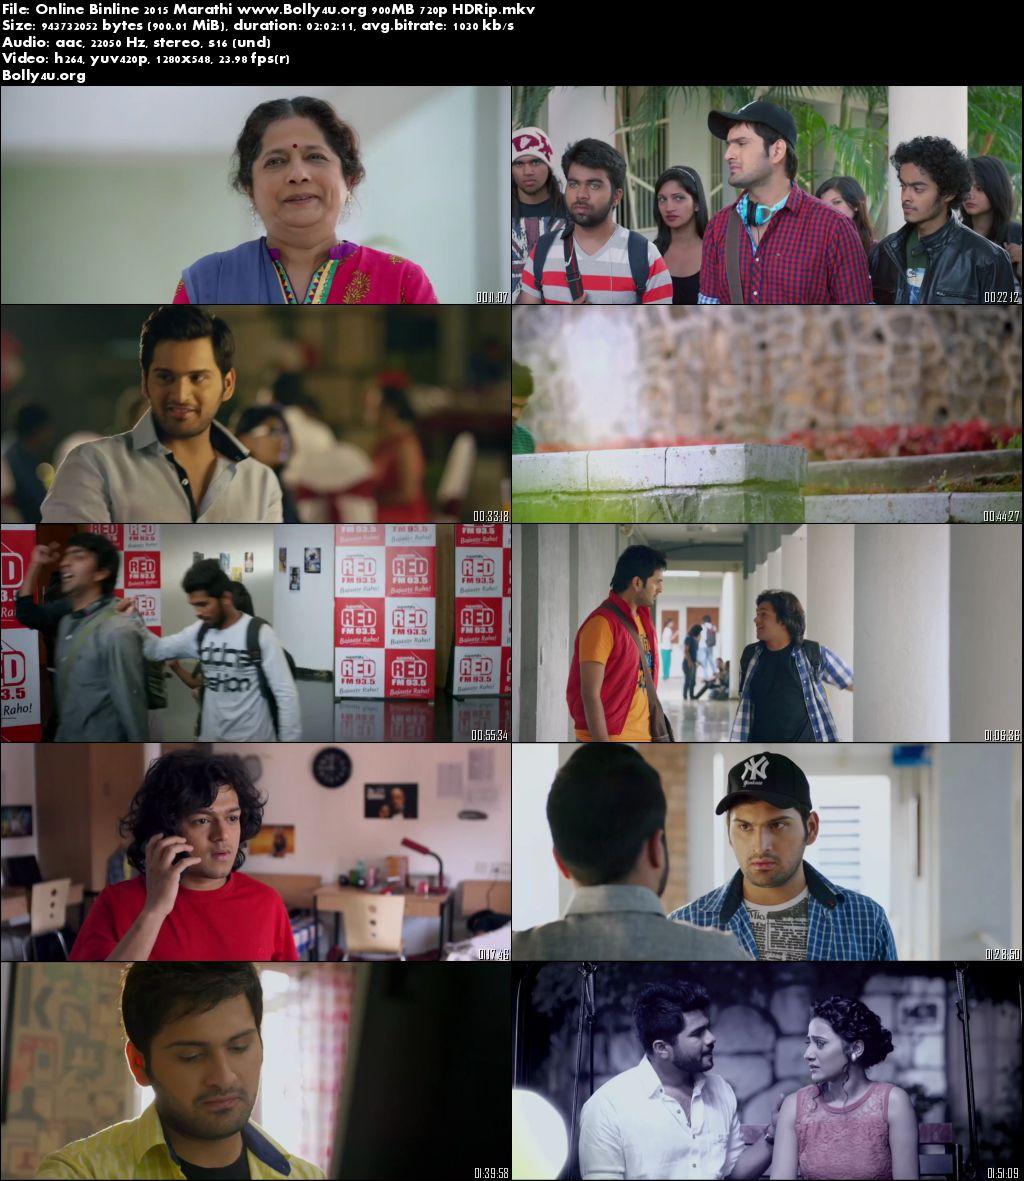 Online Binline 2015 HDRip 350Mb 480p Marathi Movie Worldfree4u